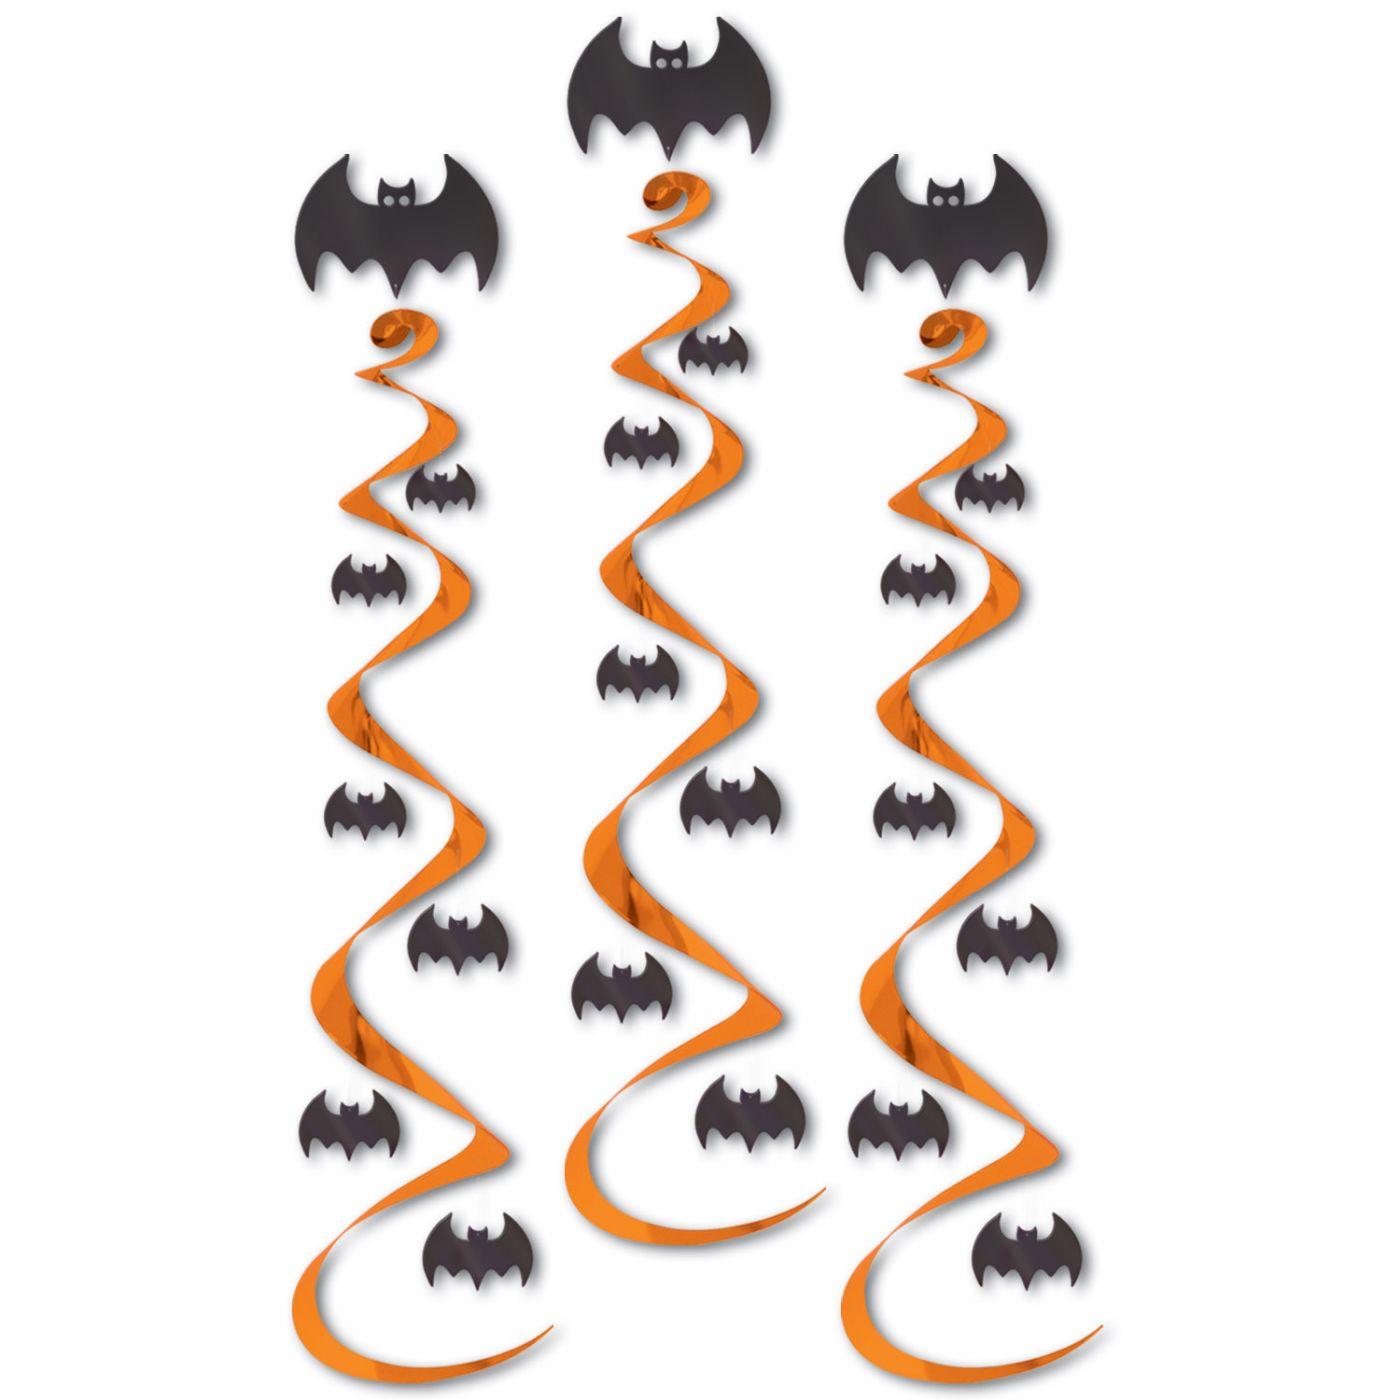 Bat Whirls (6) image